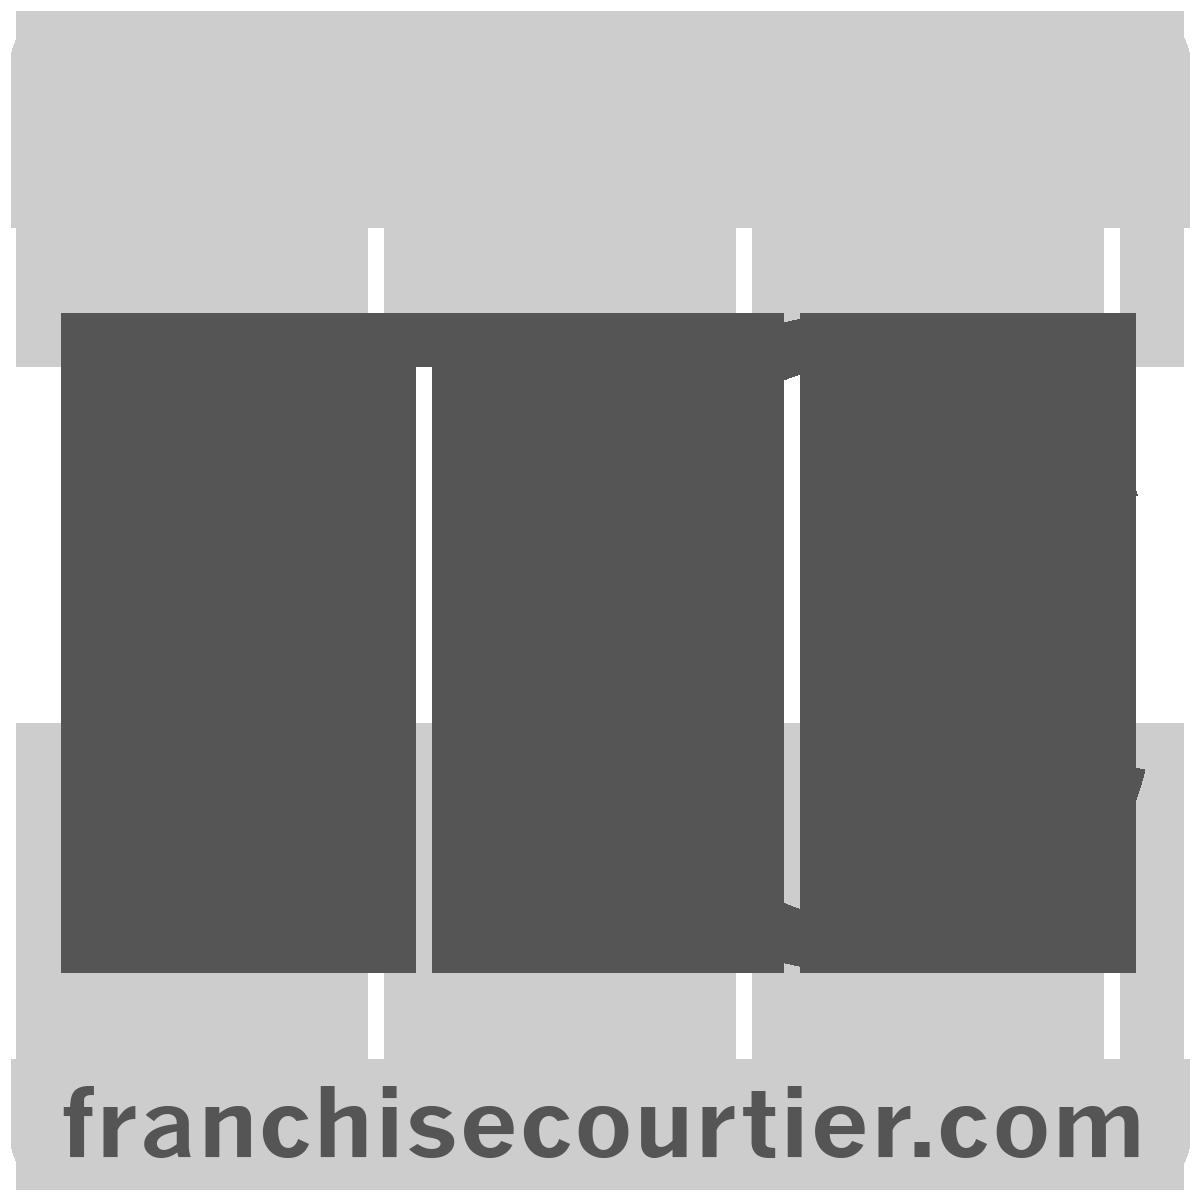 Arrivée de FRANCHISECOURTIER.COM,  le courtage puissance 3